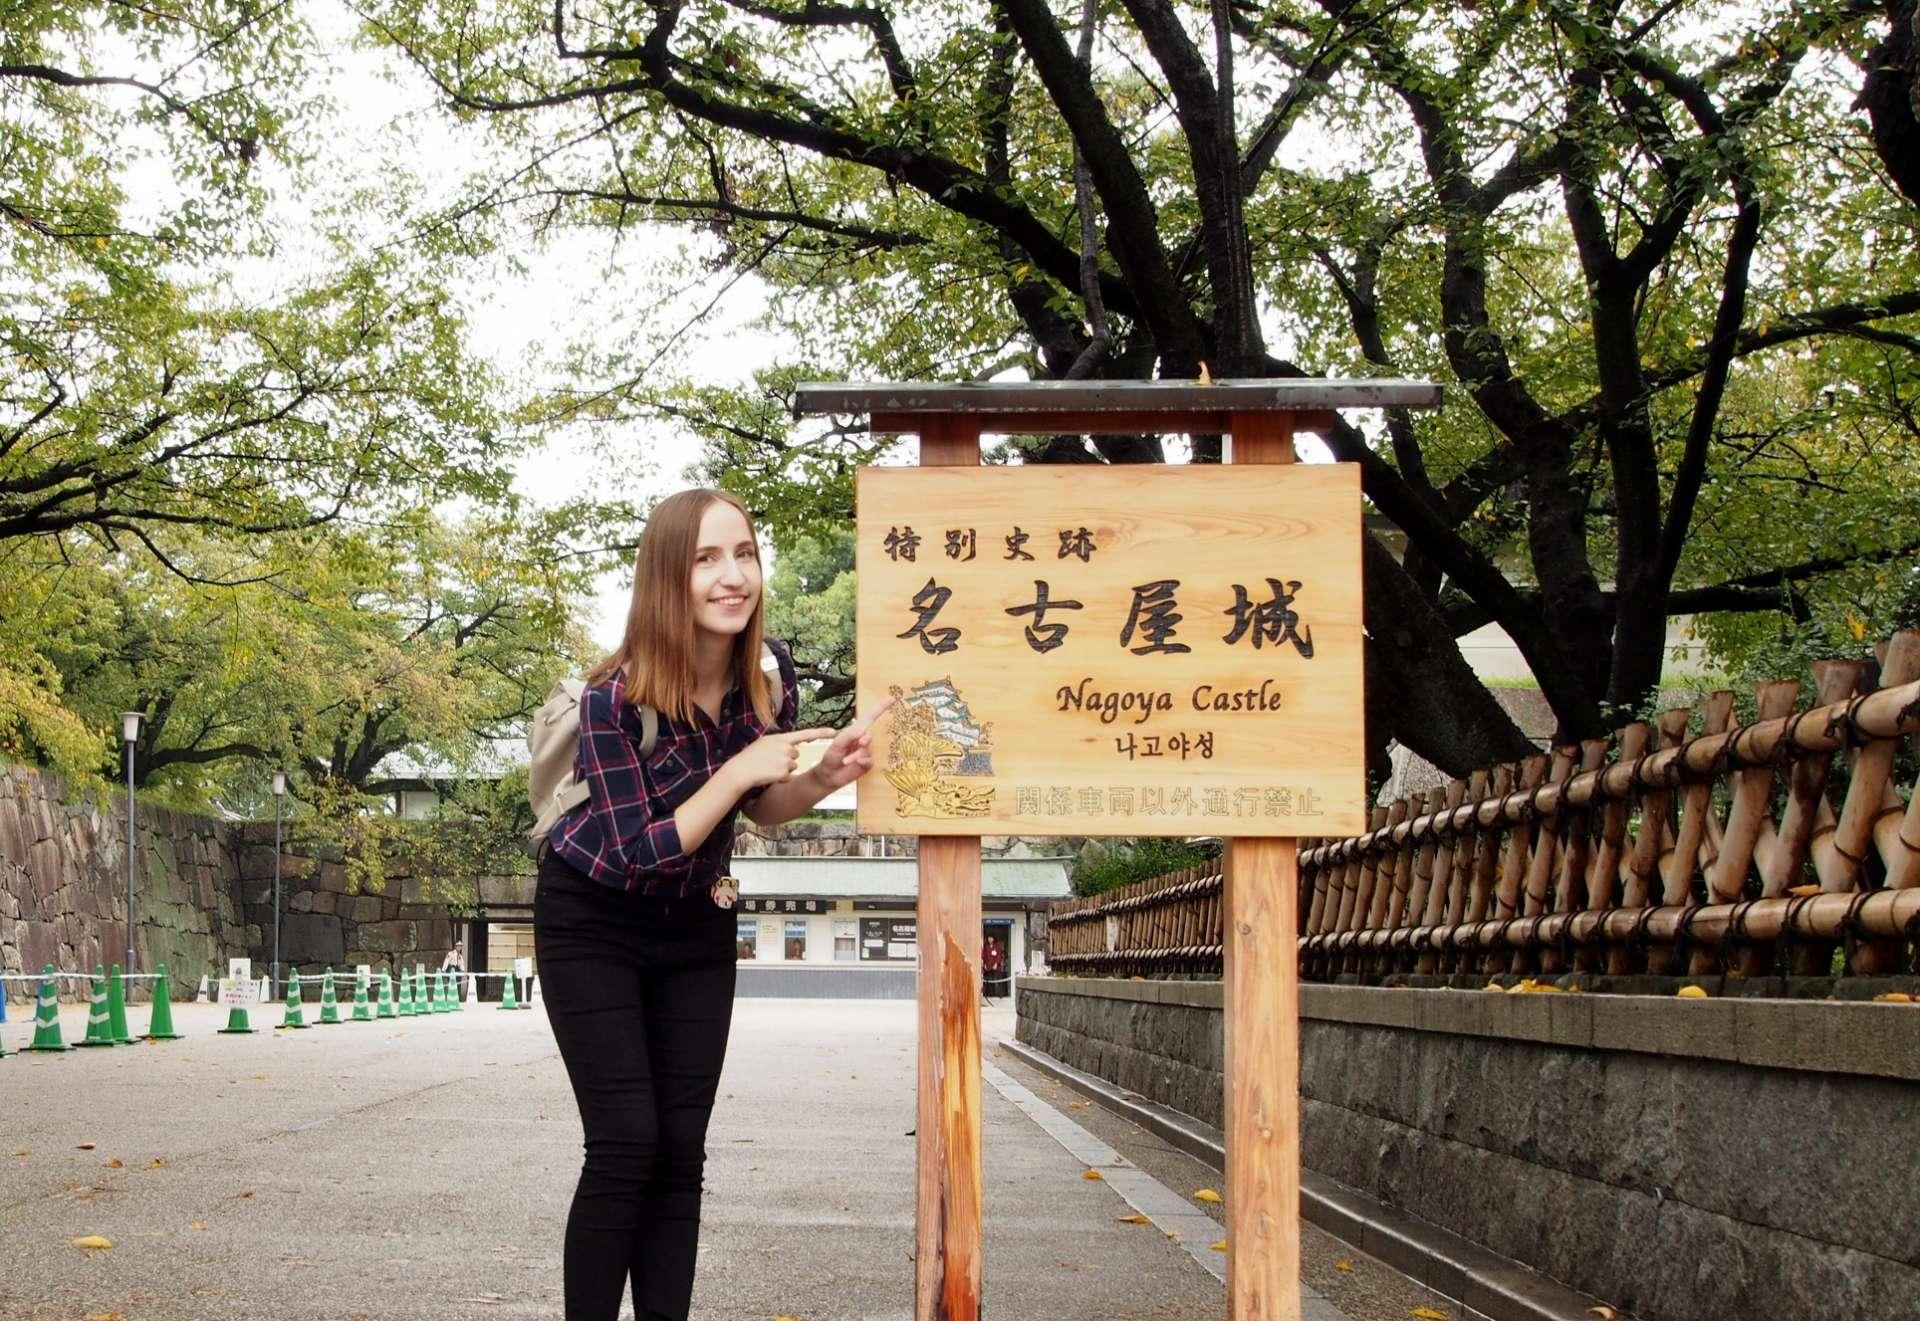 抵达名古屋的地标「名古屋城」